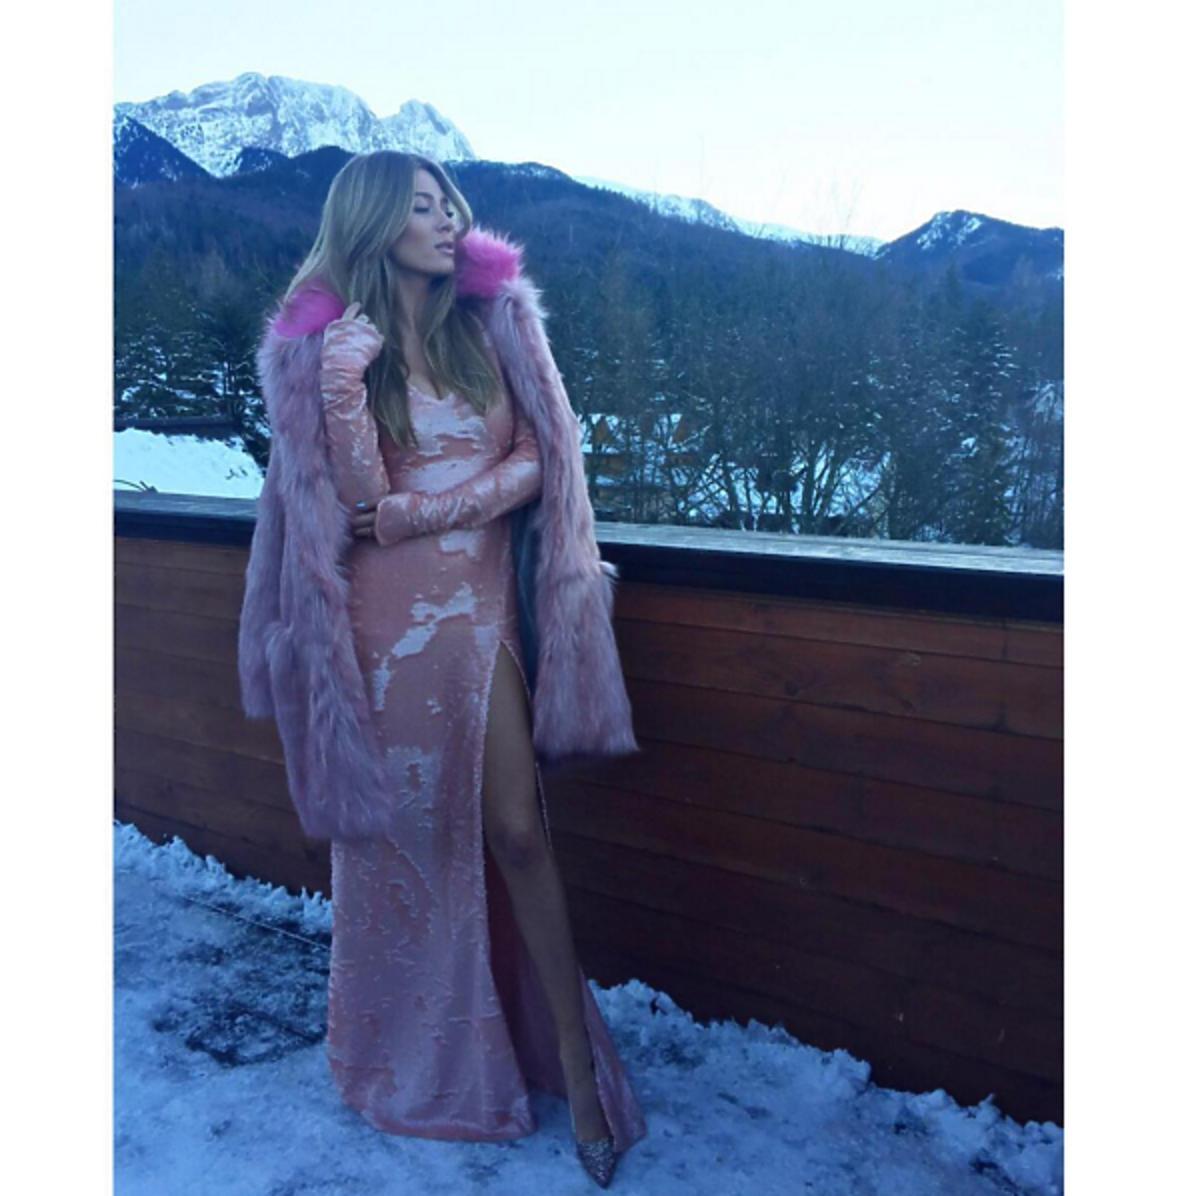 Marcelina Zawadzka - stylizacja sylwester 2016 2017: różowa suknia i futerko